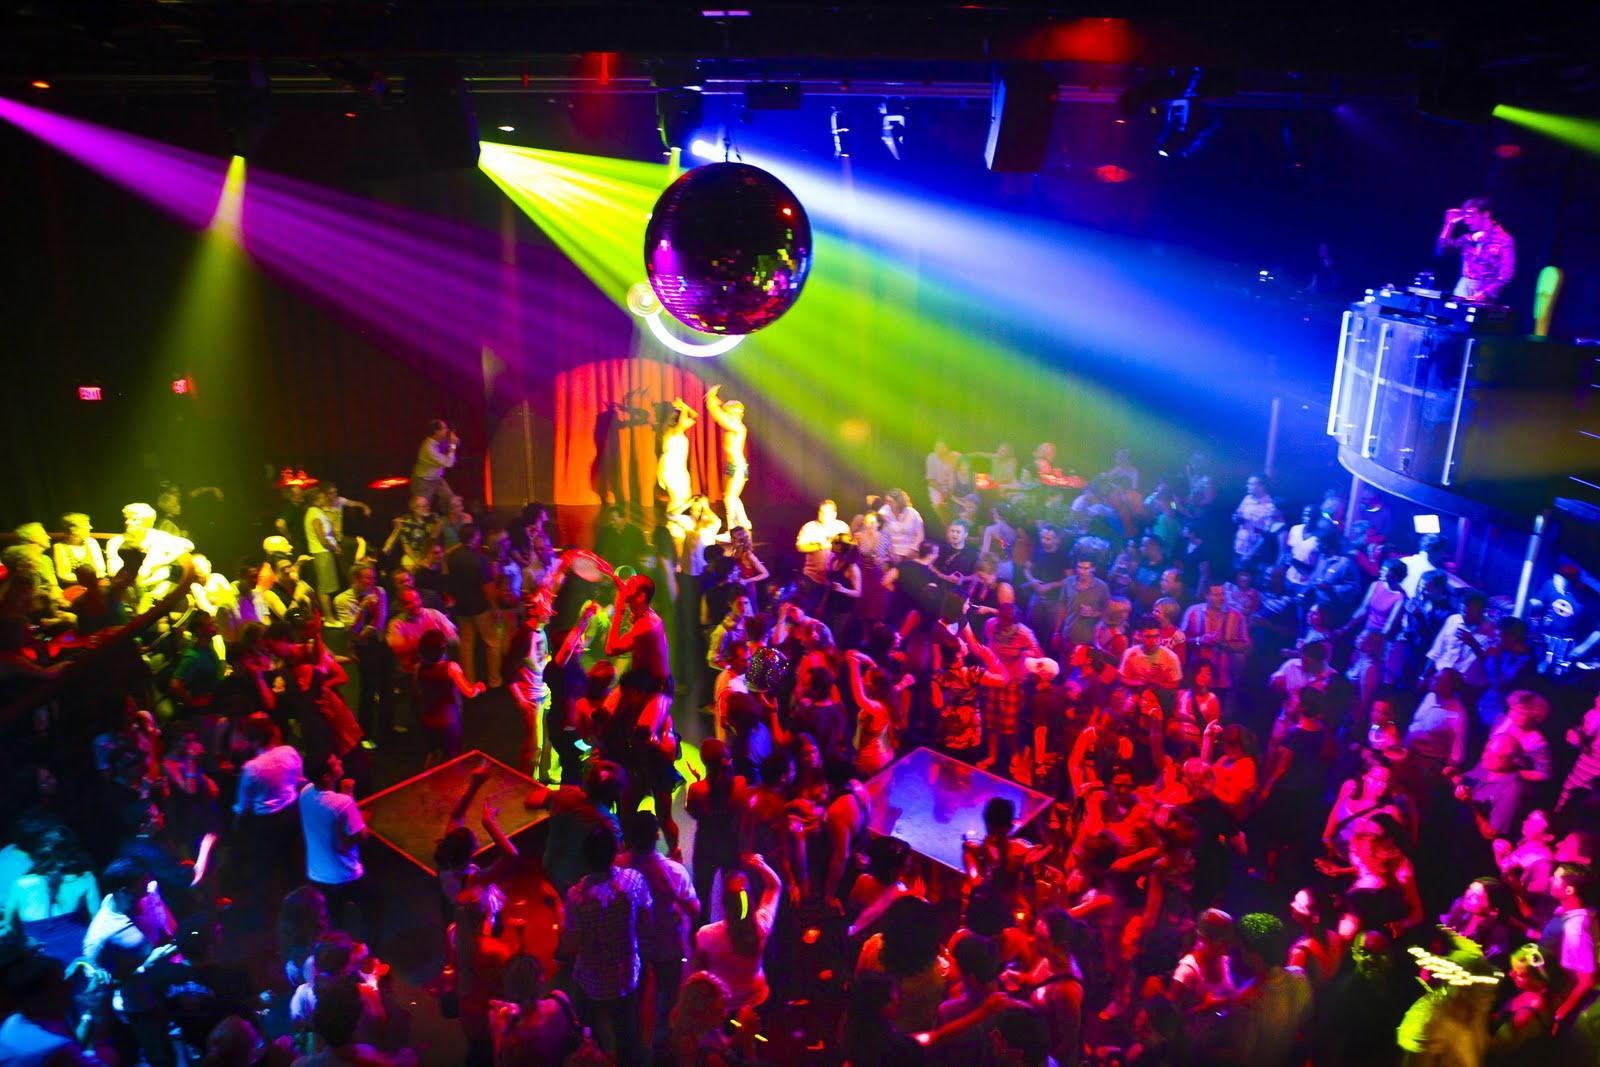 Terrore in discoteca, ignoti spruzzano spray al peperoncino, numerosi ragazzi hanno accusato problemi respiratori, evacuate 300 persone